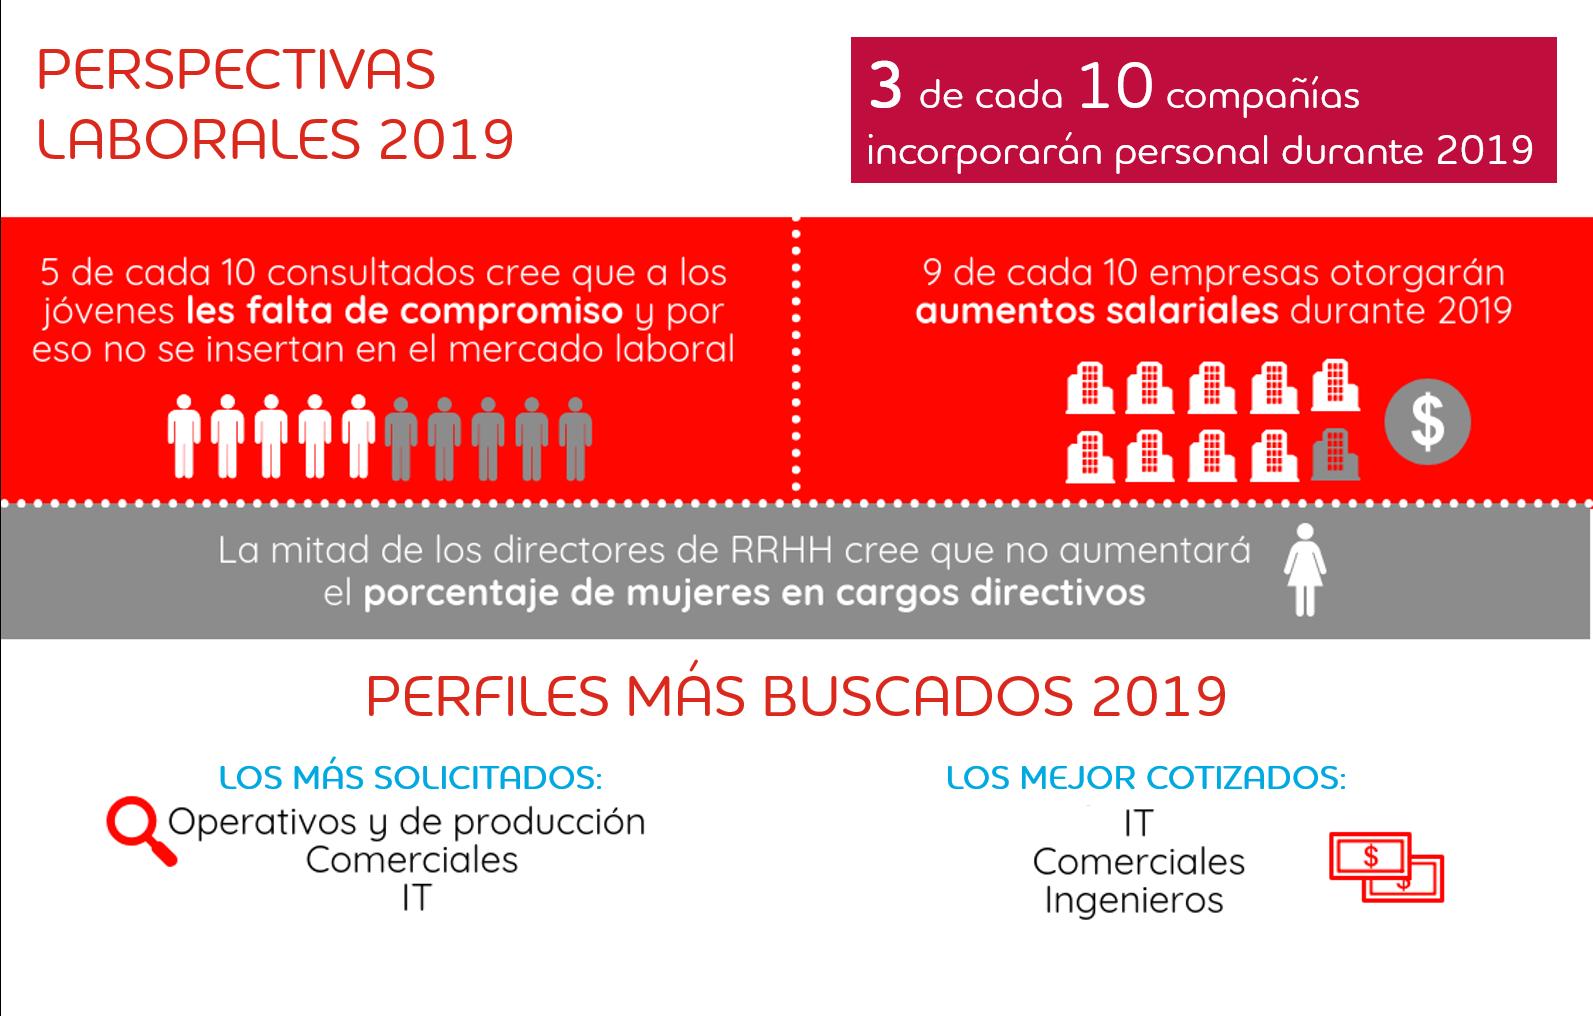 Infografía Perspectivas 2019-2